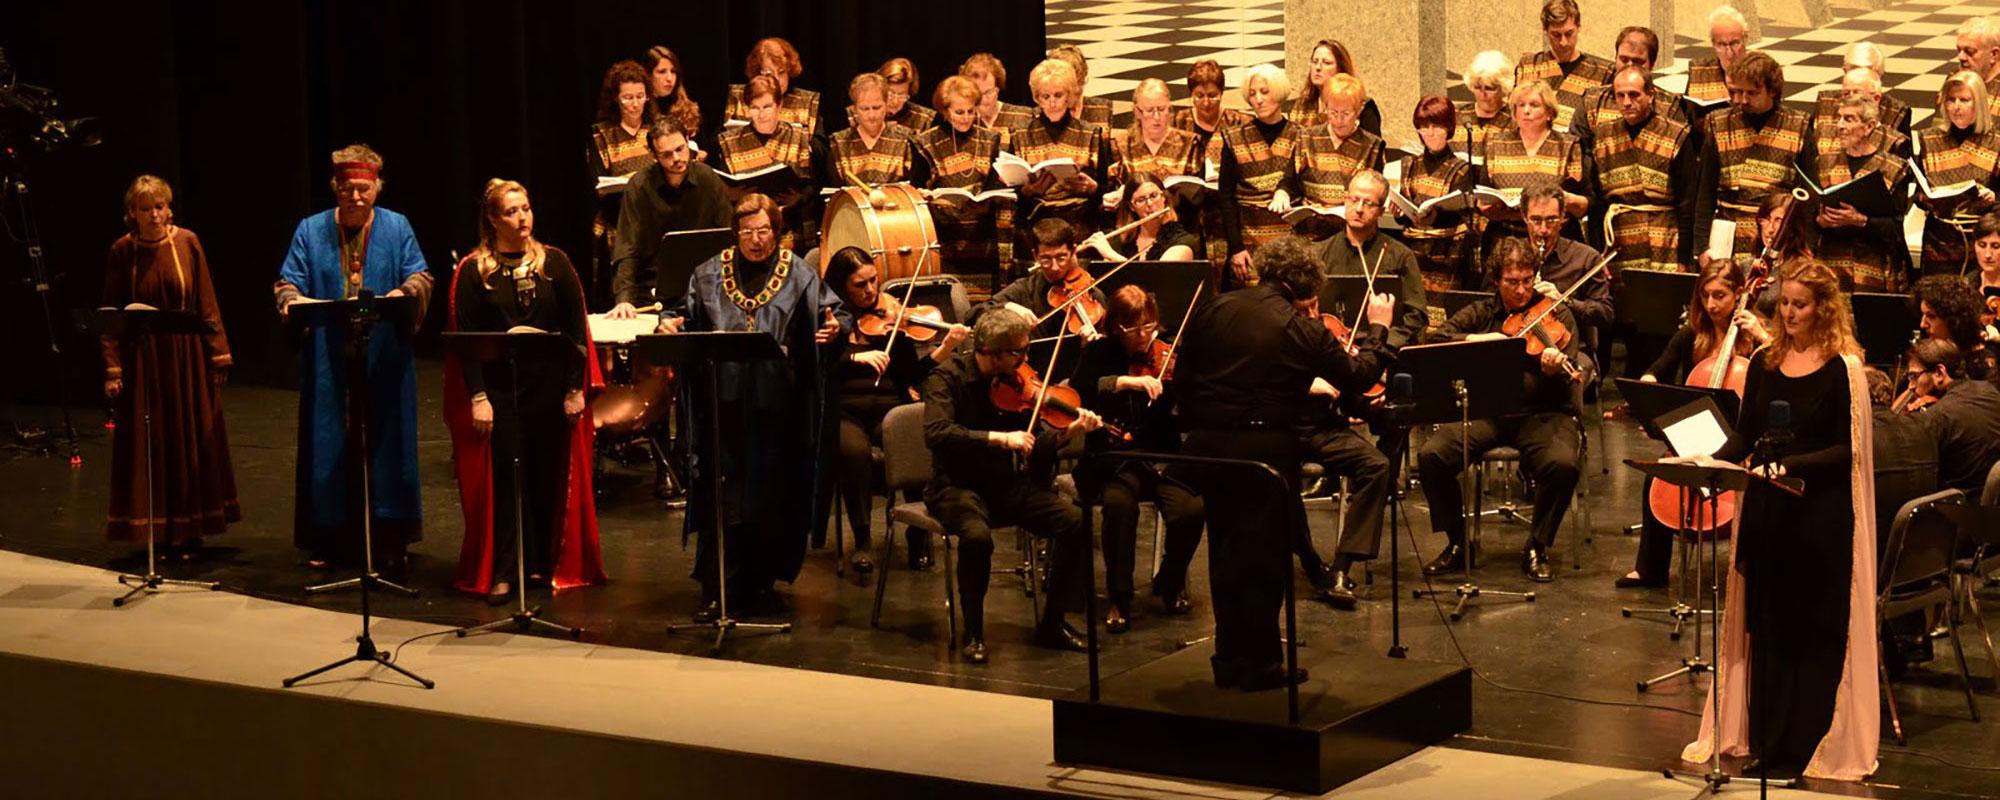 Coro lirico di lugano cantare assieme for Ceresio palestra